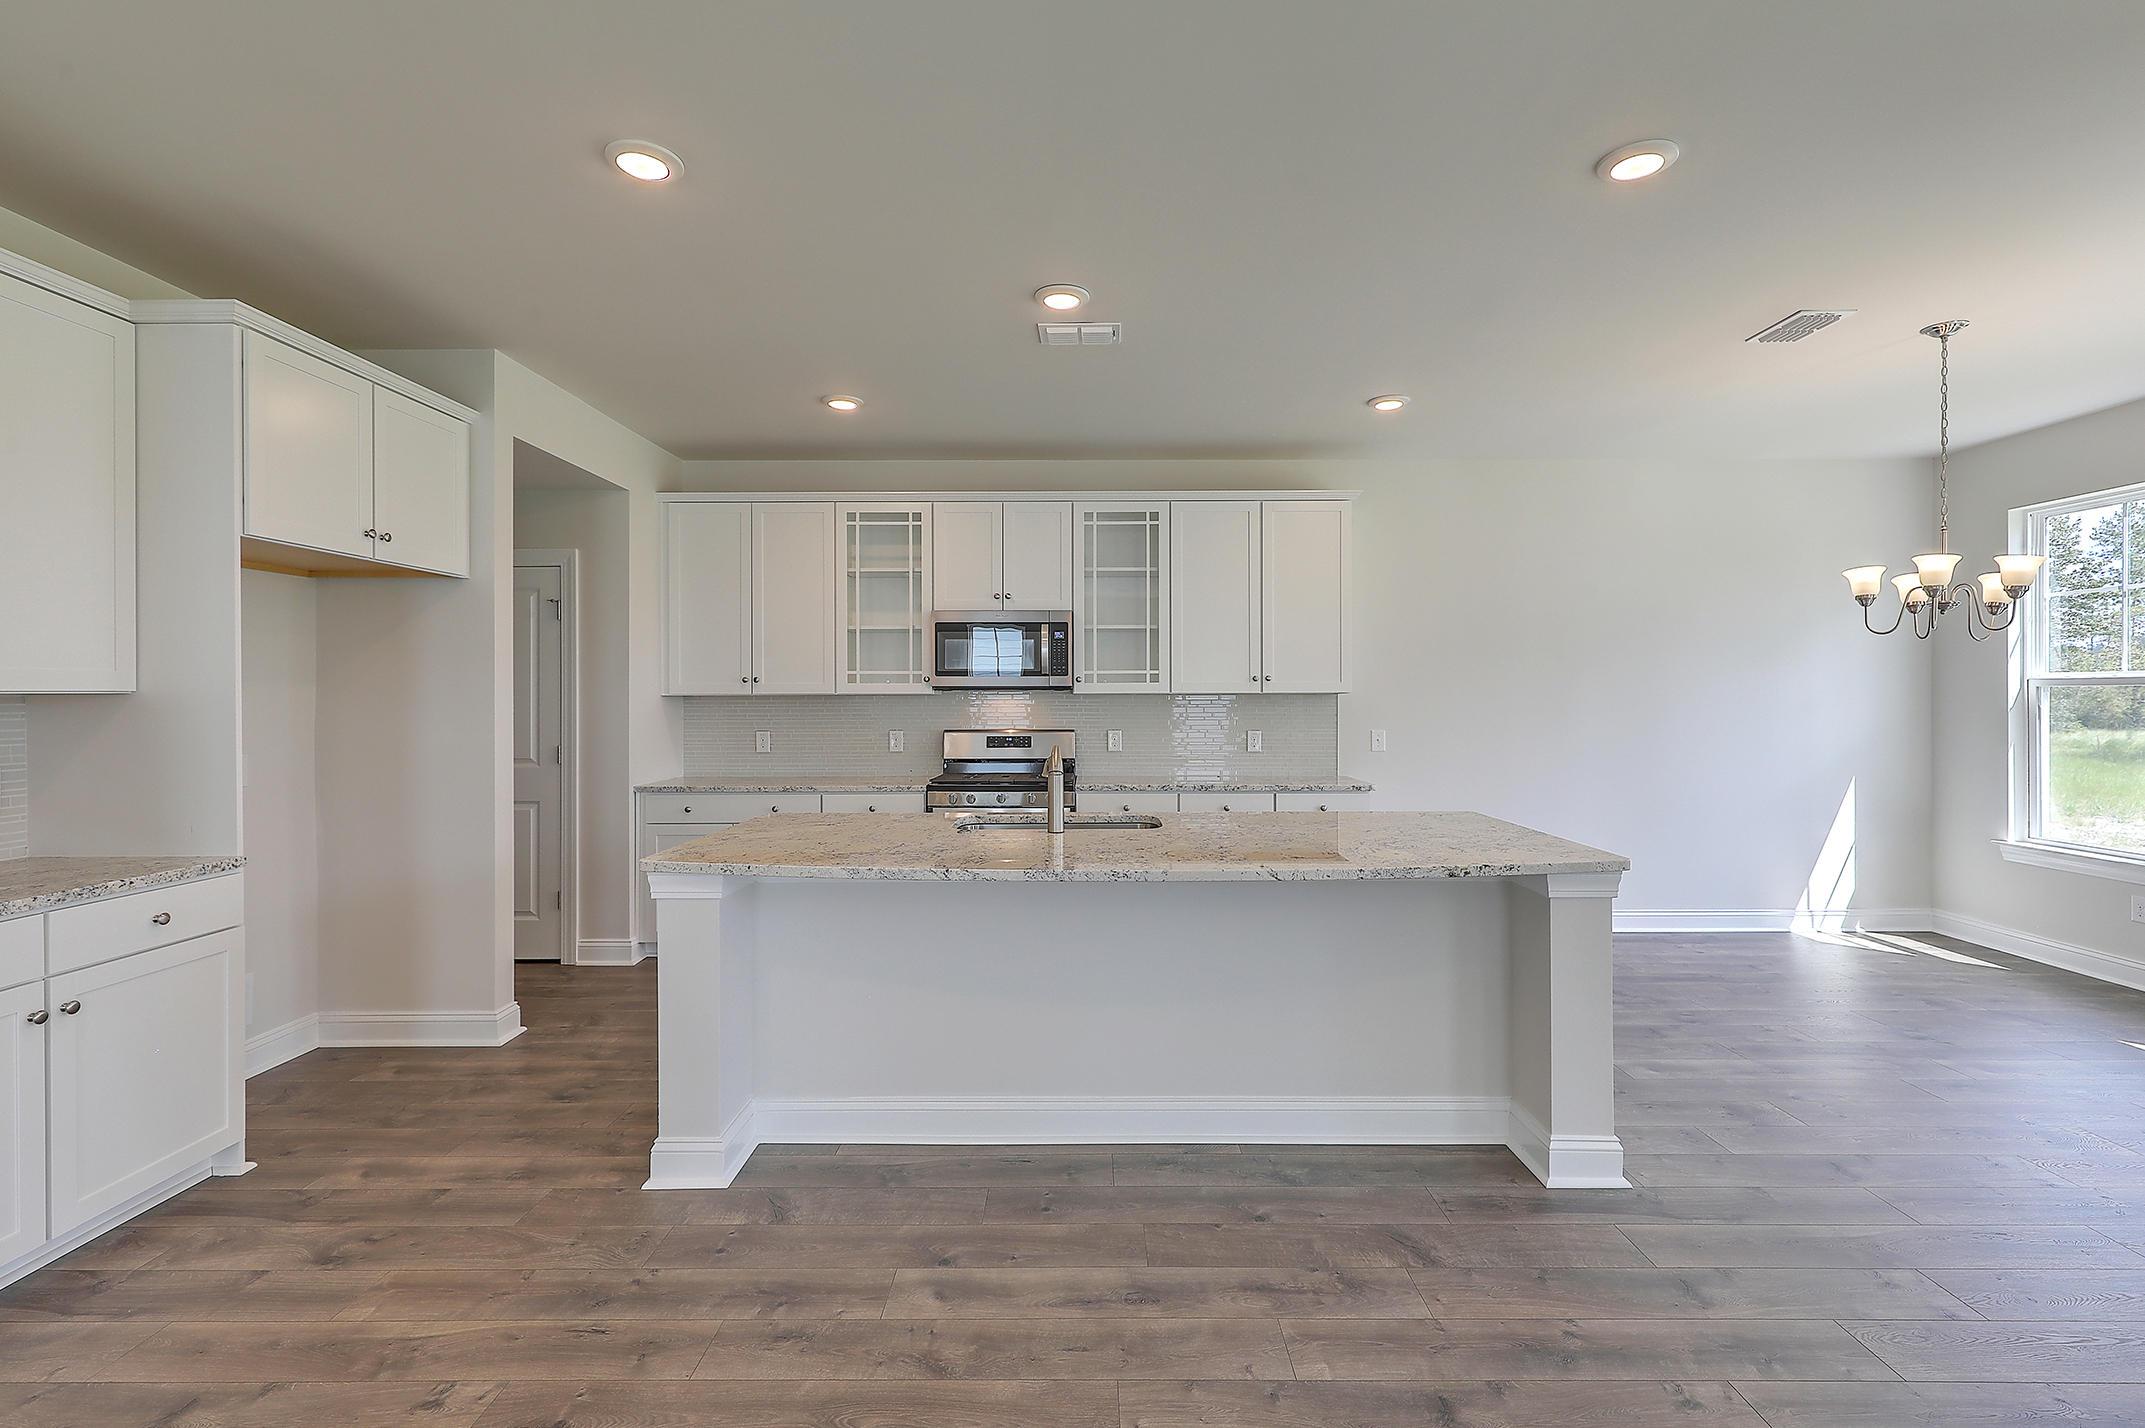 Cane Bay Plantation Homes For Sale - 117 Cotesworth, Summerville, SC - 10